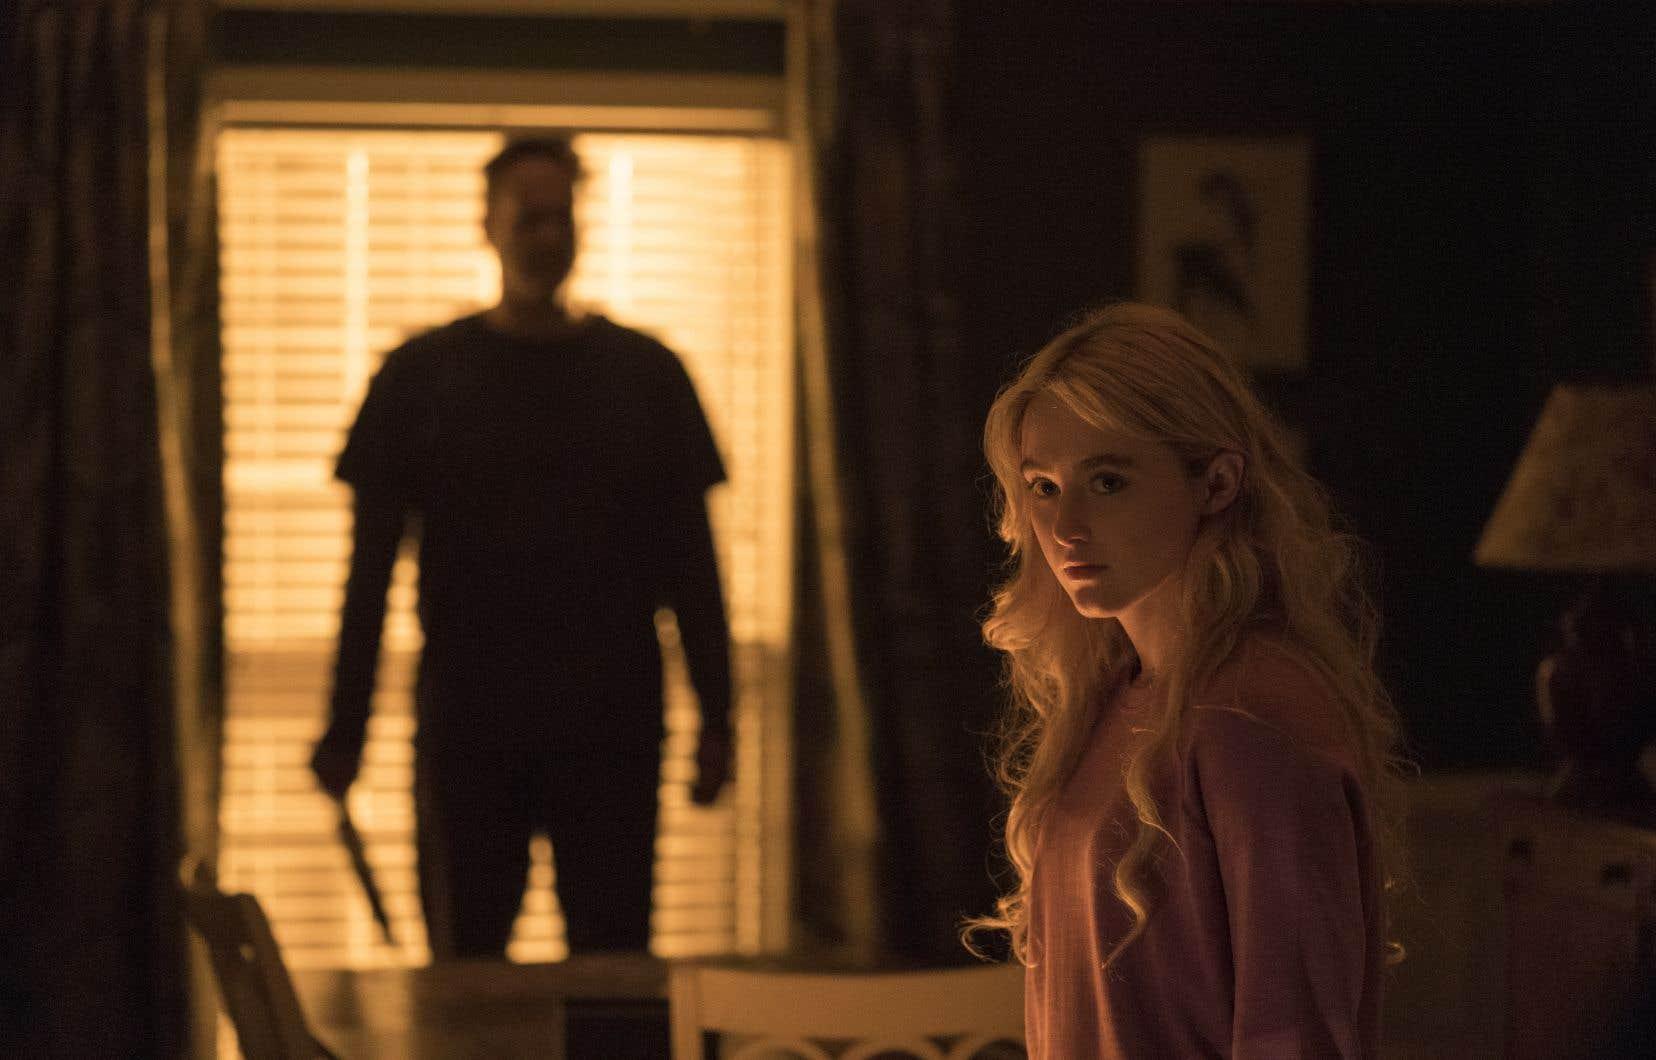 Le Boucher  (Vince Vaughn) et Millie Kessler (Kathryn Newton) dans une scène de Freaky, le film le plus accompli de Christopher Landon sur le plan technique. Lorsque l'action menace de virer au funeste, l'éclairage devient  volontiers stylisé, monochrome.